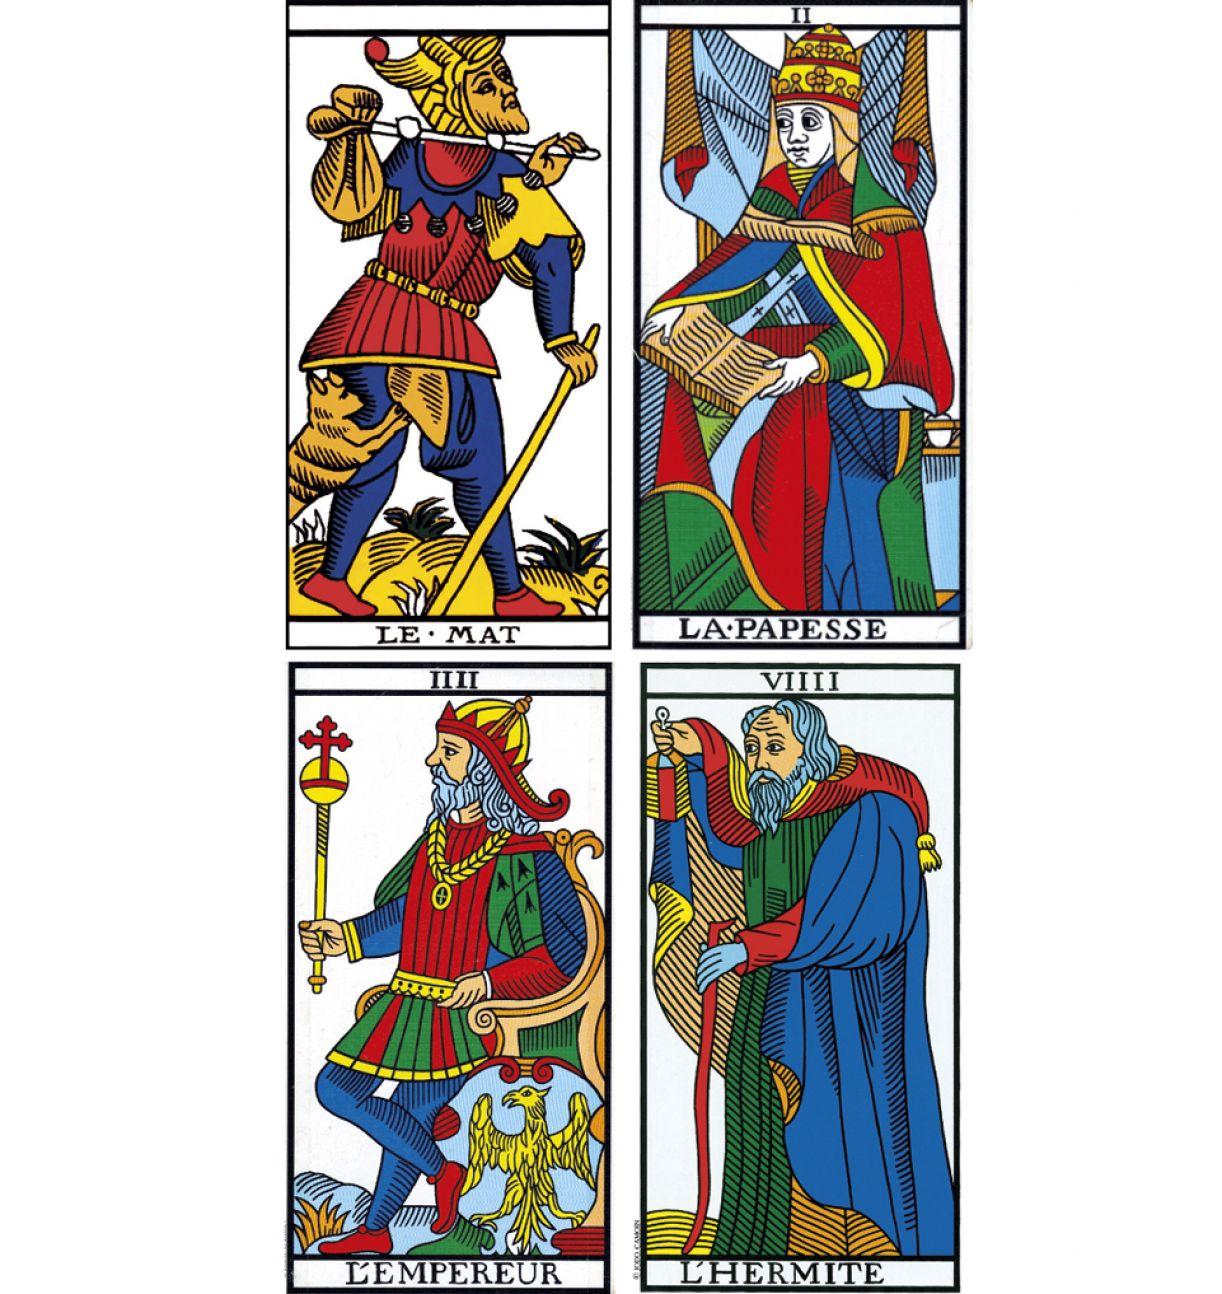 O tarô de Marselha, baralho do século 15, mantém-se popular entre tarólogos